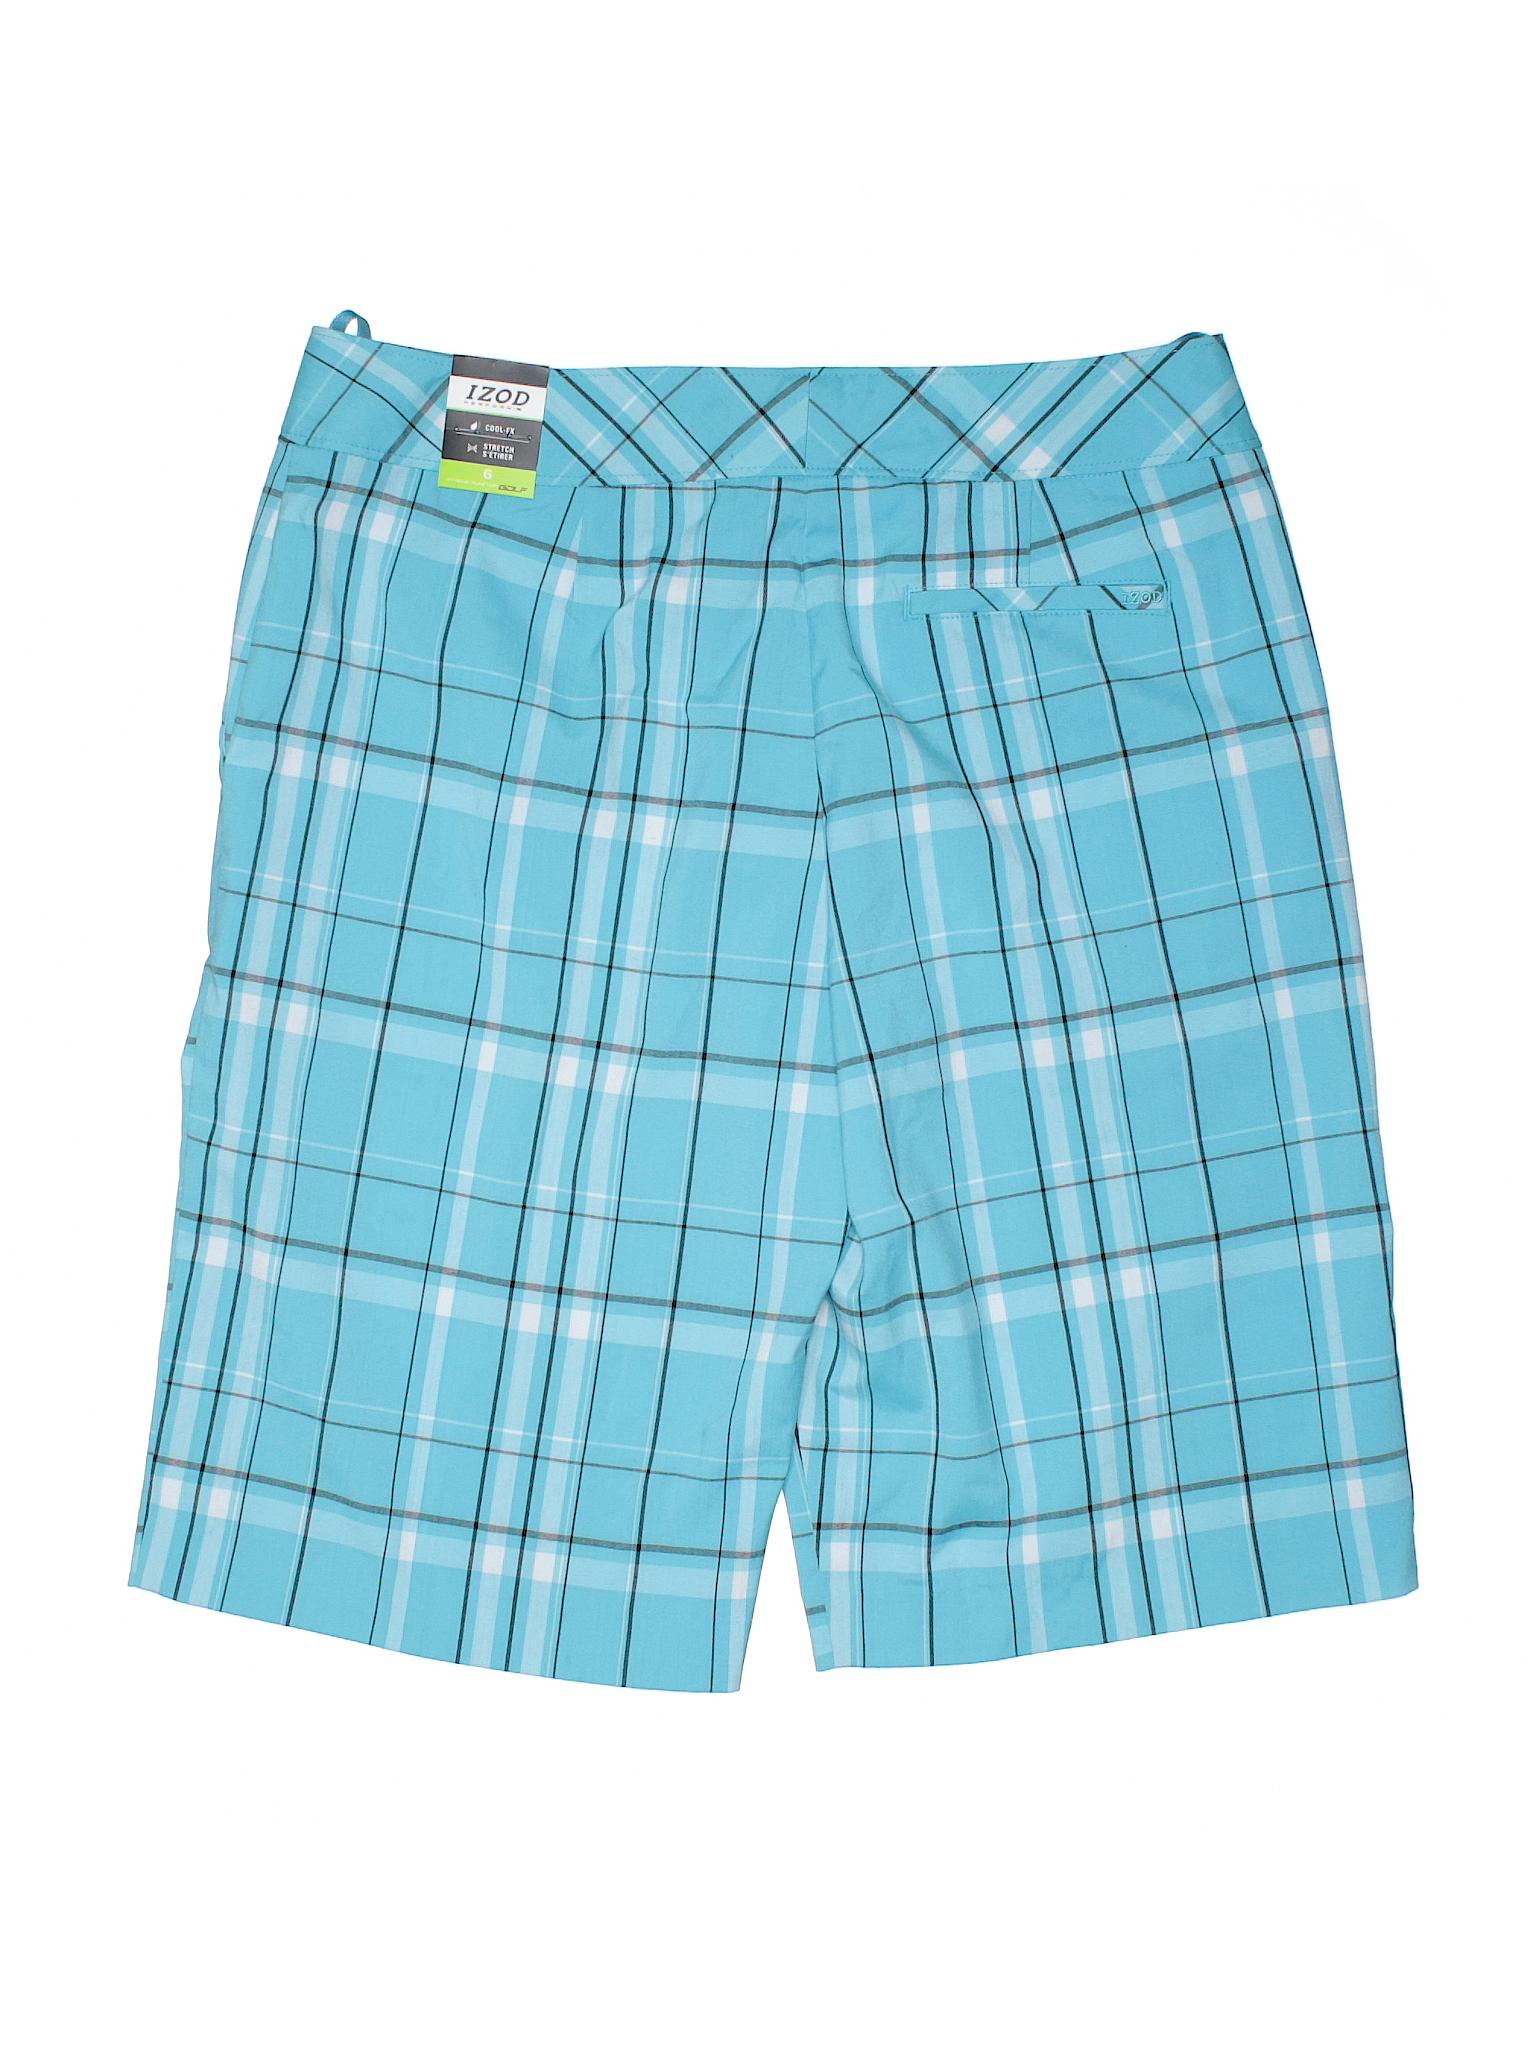 Boutique Athletic IZOD Athletic Shorts IZOD Boutique Boutique IZOD Shorts ZcPH5TqH4